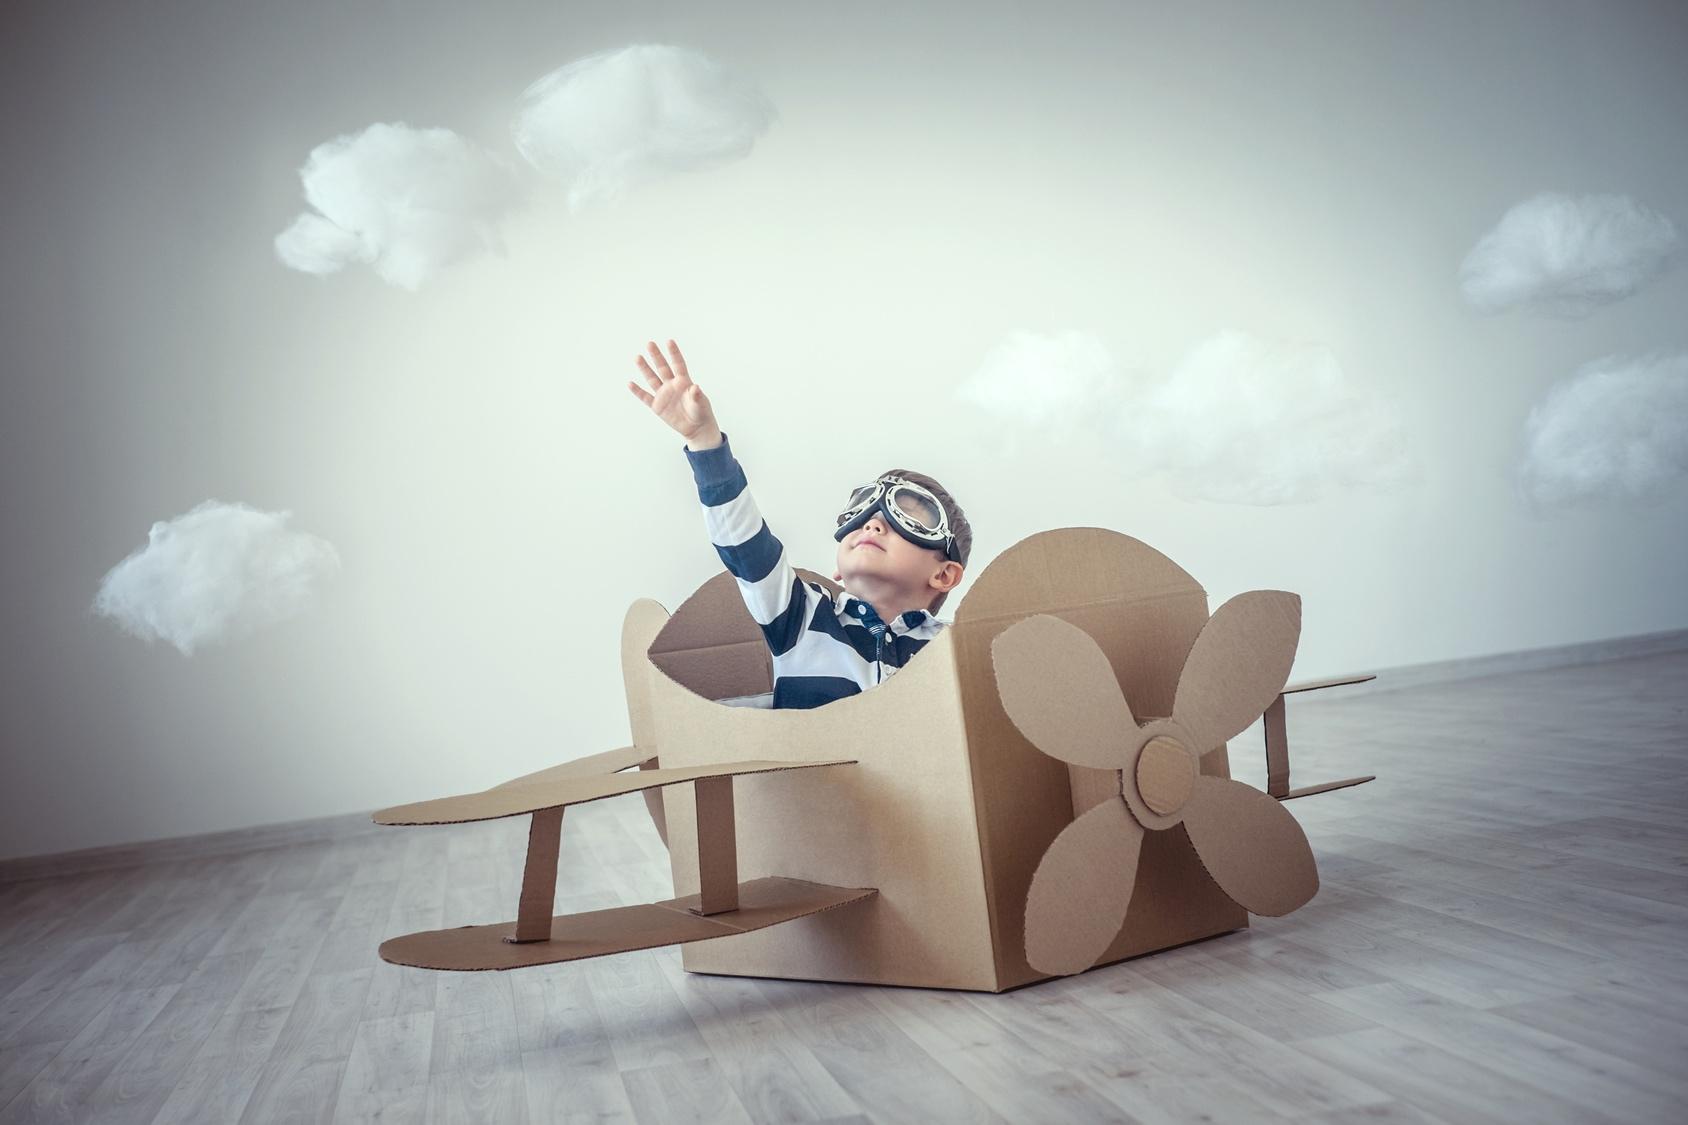 להמציא שווקים חדשים כמו בעולם התעופה